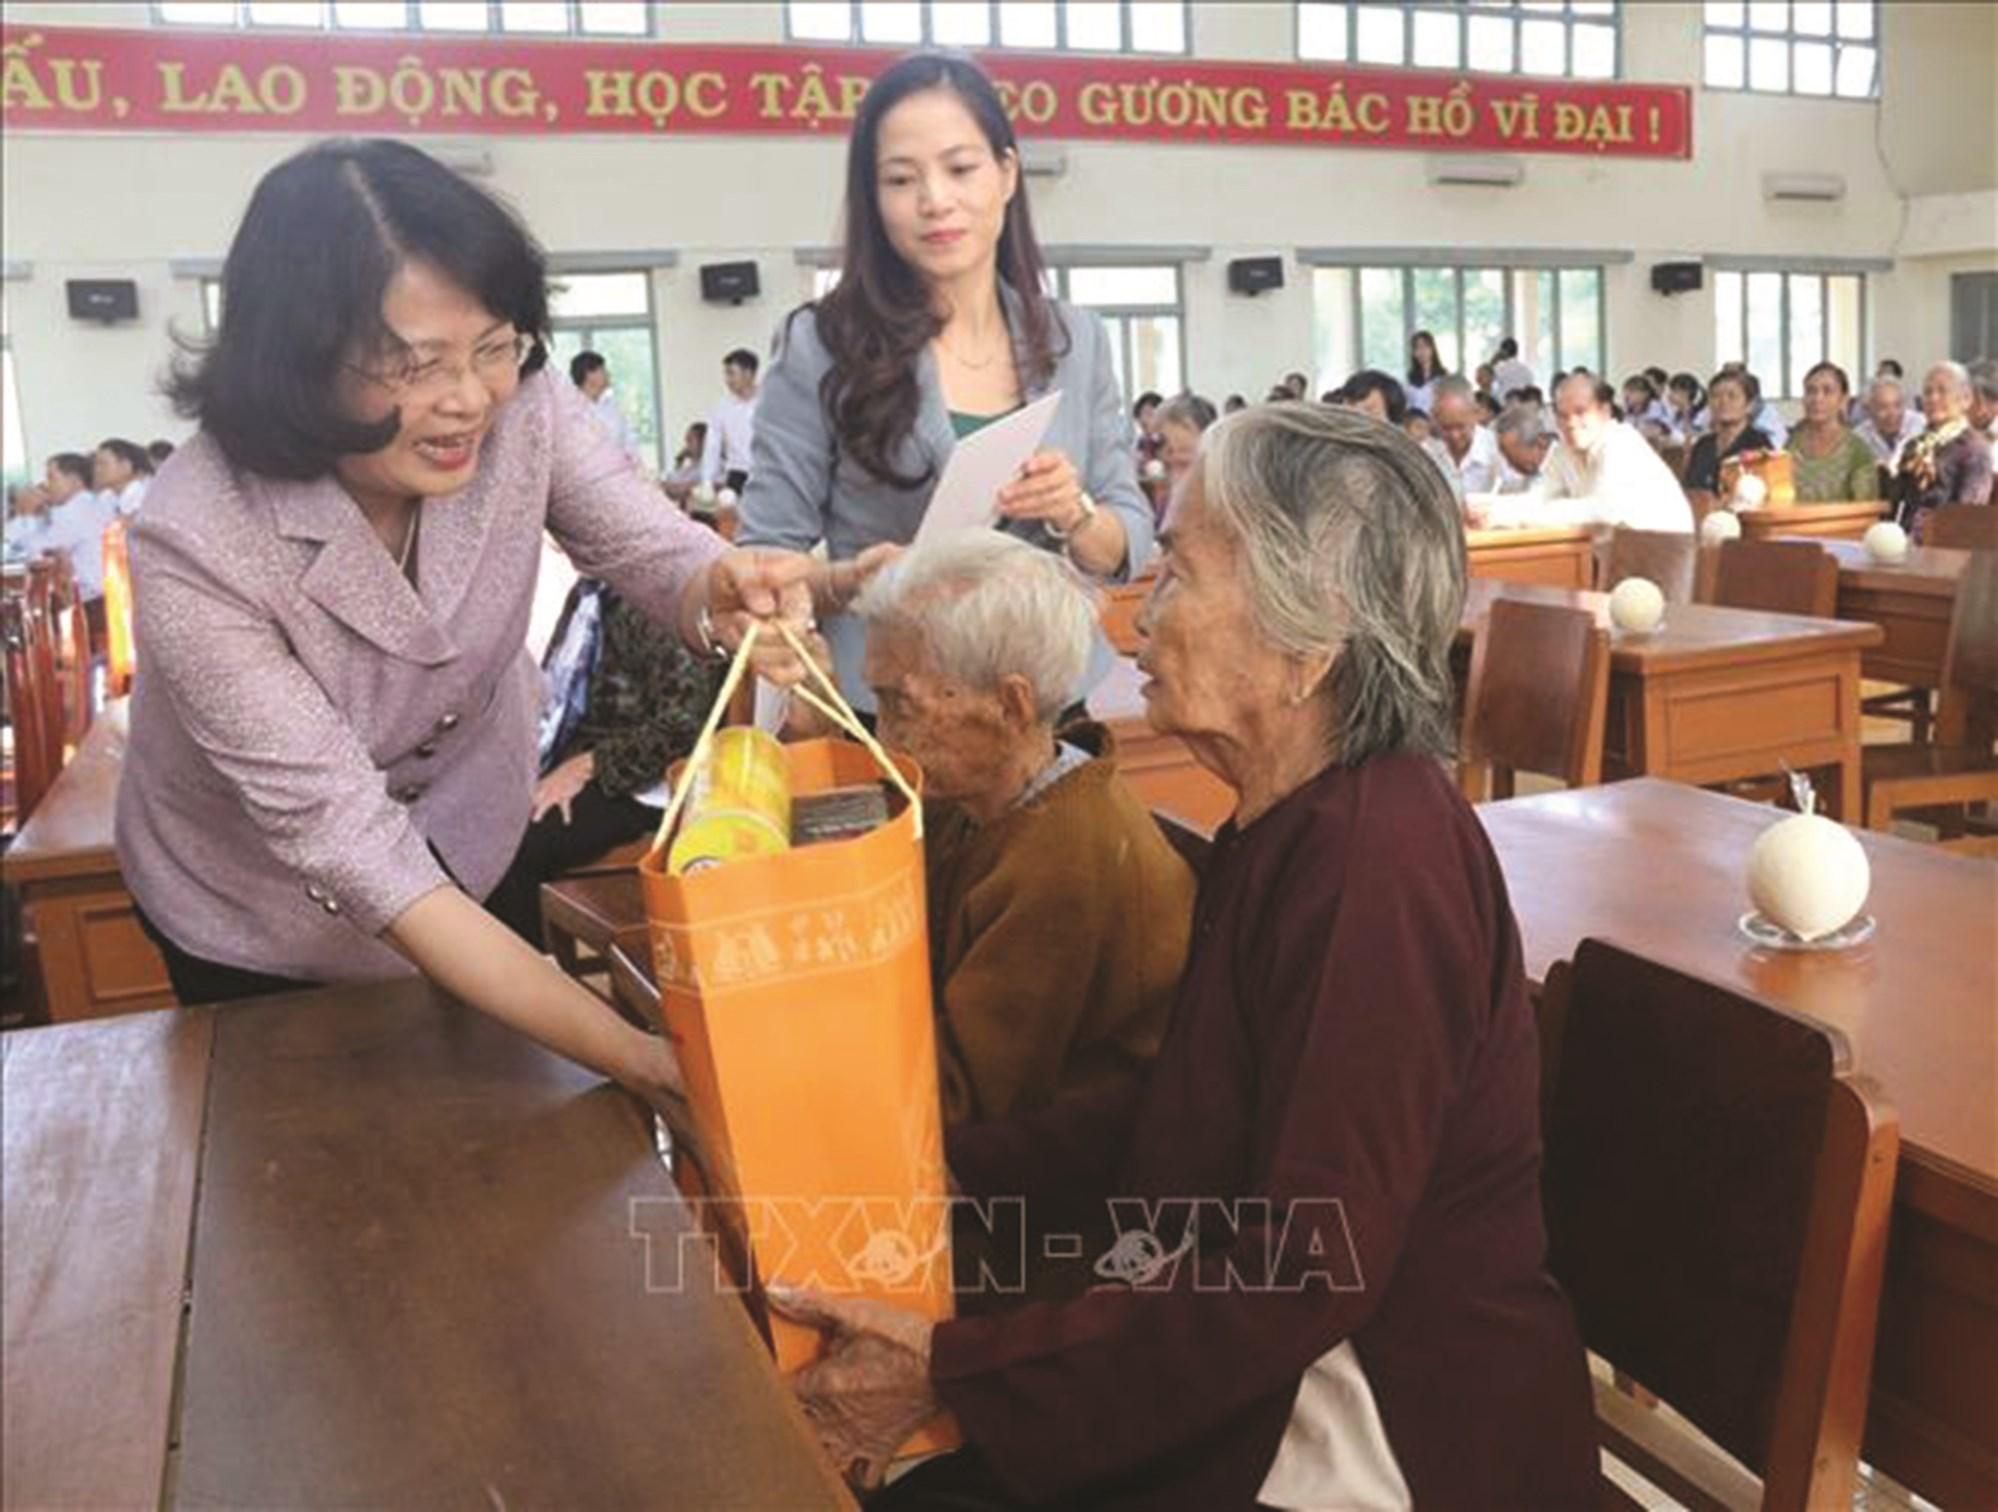 Phó Chủ tịch nước Đặng Thị Ngọc Thịnh thăm hỏi, trao quà Tết cho gia đình chính sách.